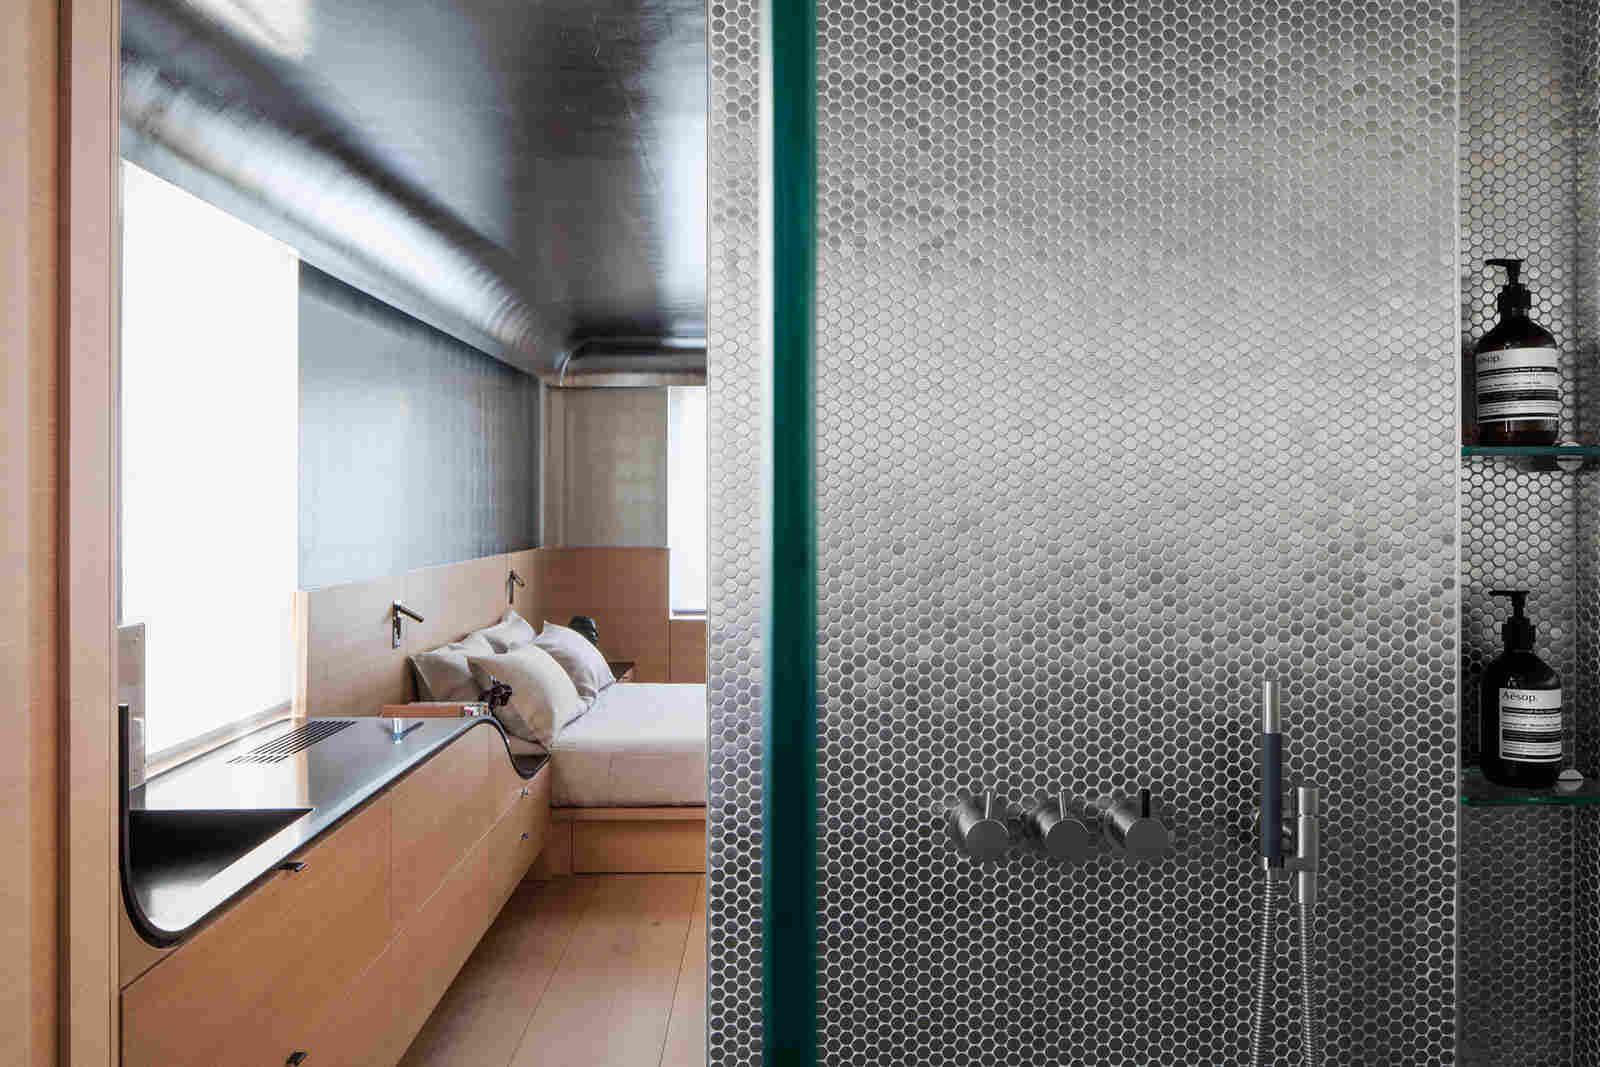 Квартира на Манхэттене studio and interiors